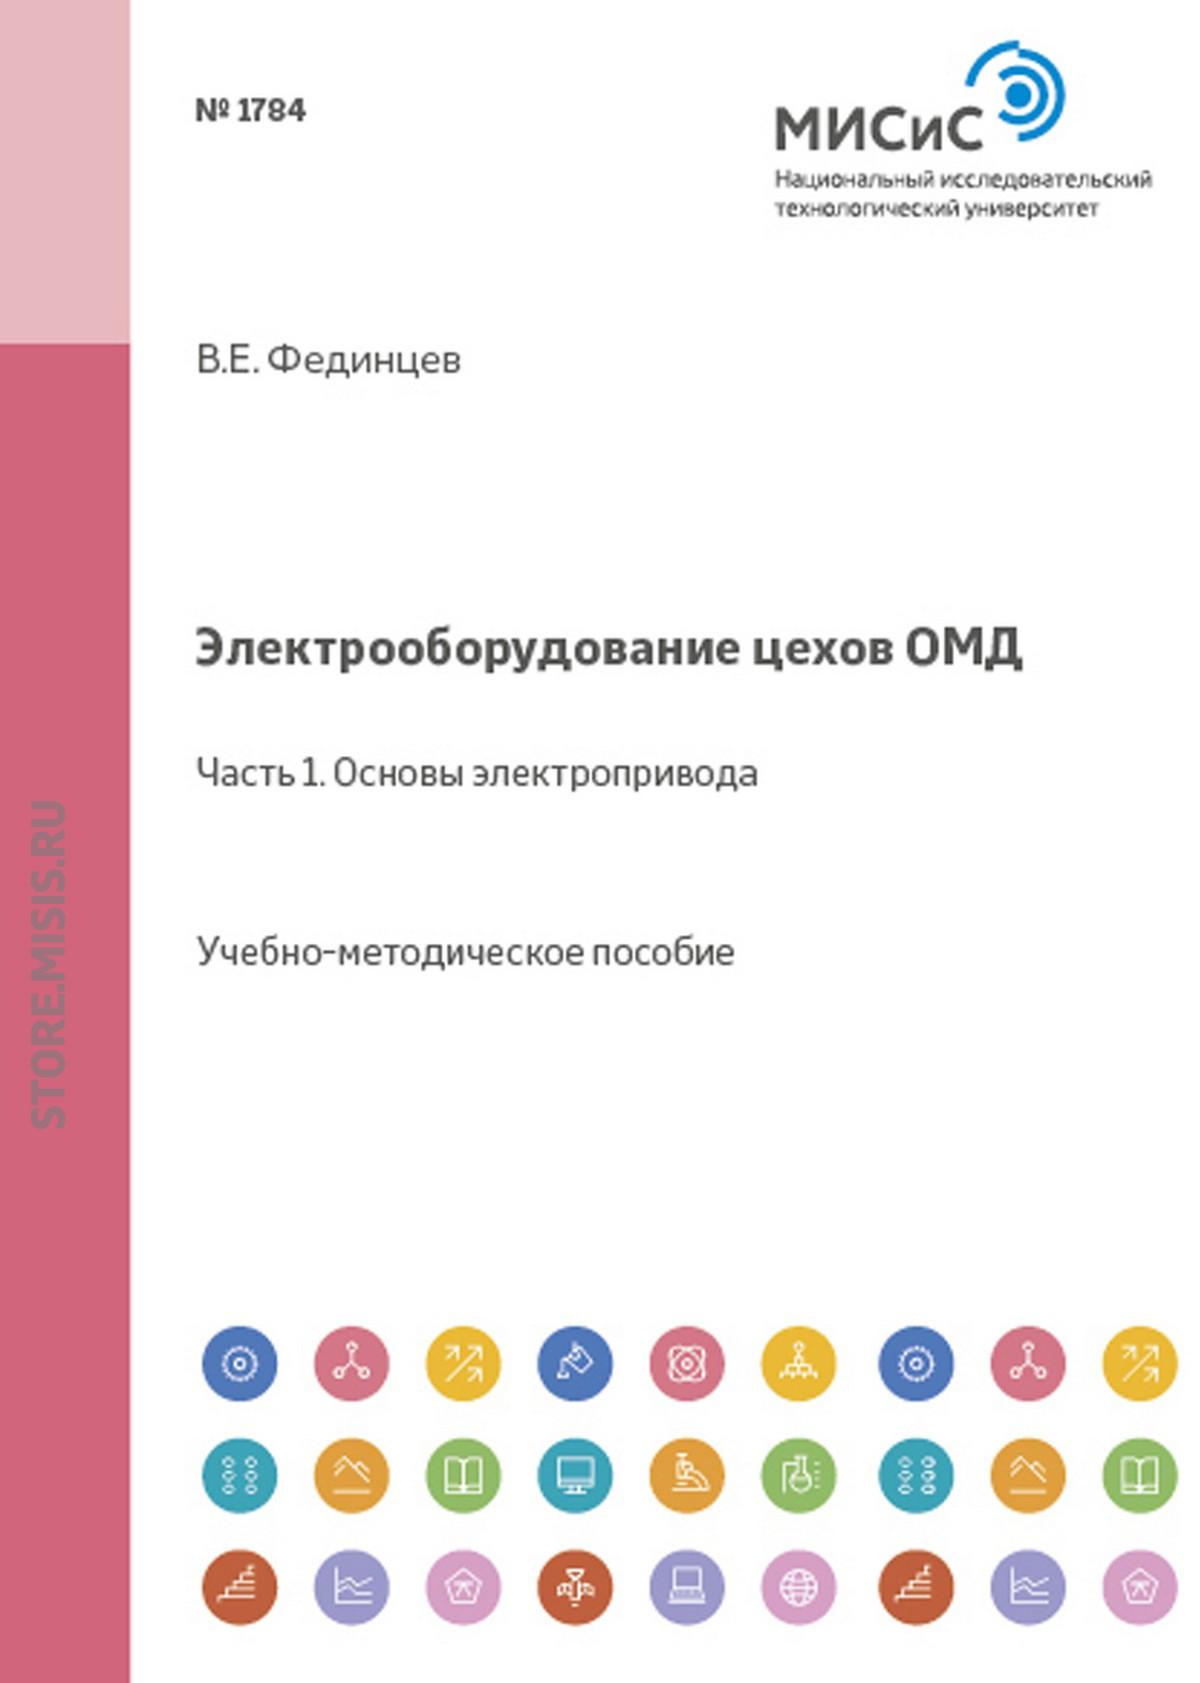 В. Е. Фединцев Электрооборудование цехов ОМД. Часть 1. Основы электропривода